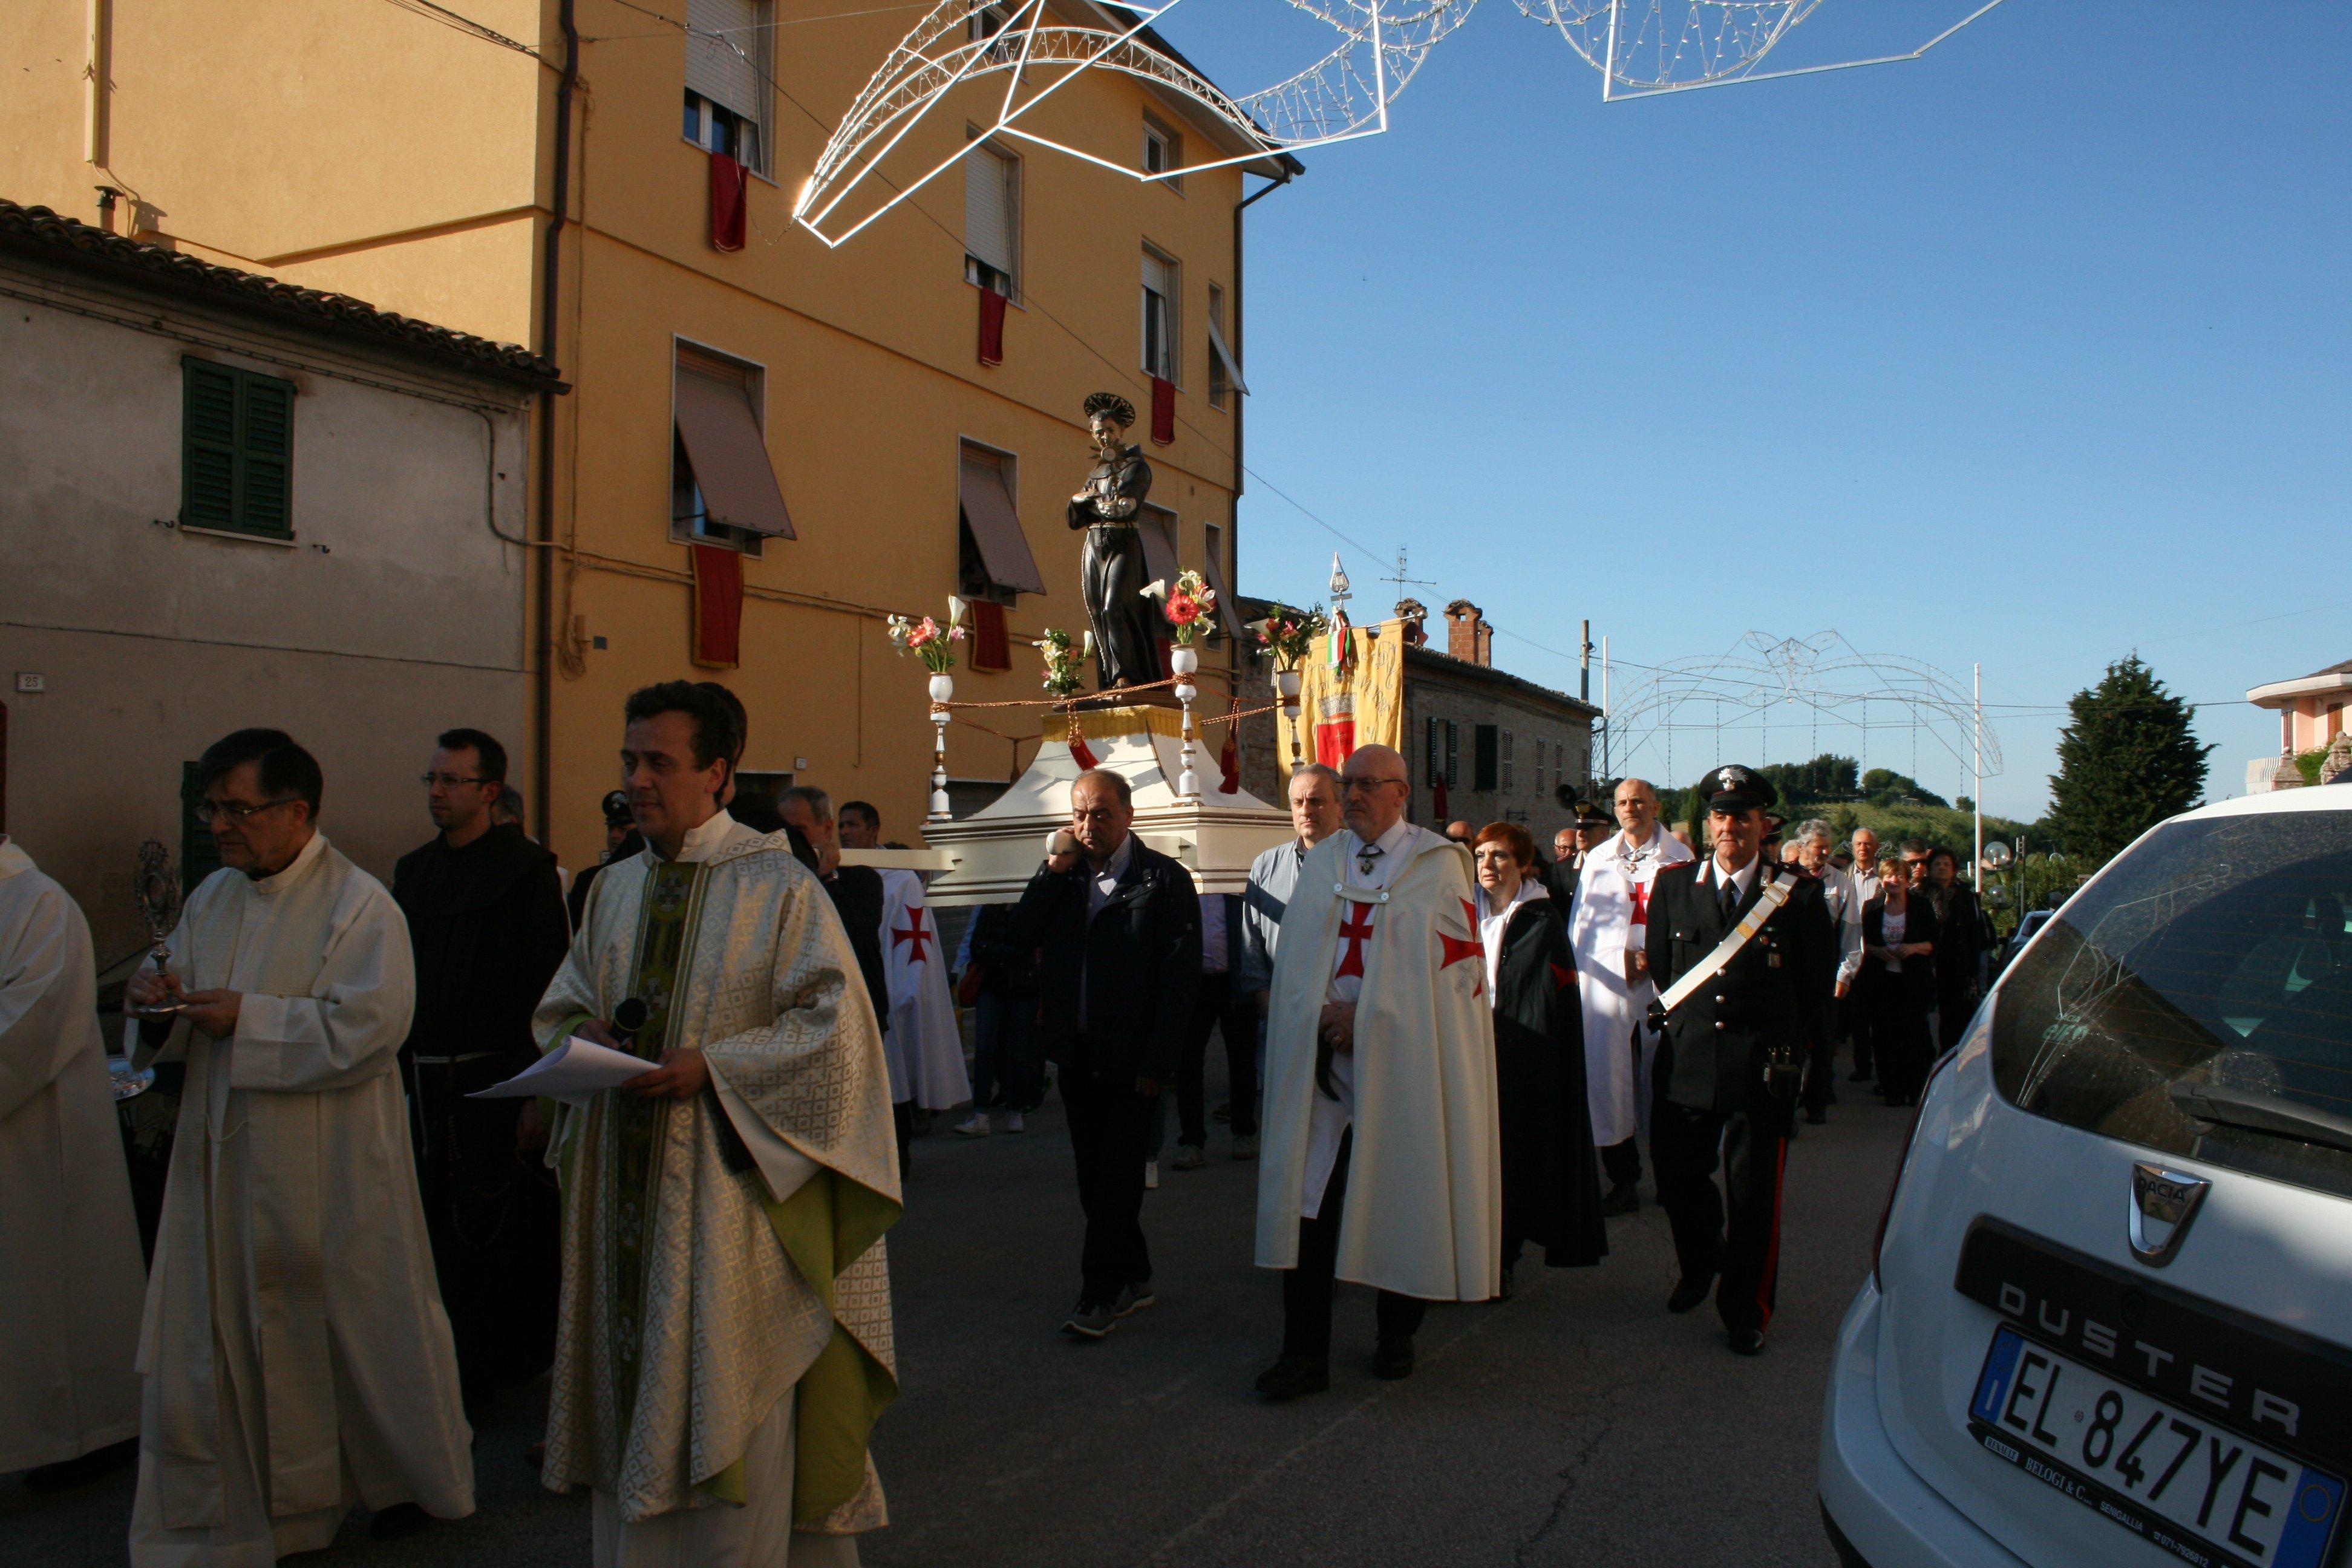 Festa di San Pasquale Baylon Patrono di Ostra Vetere, AN